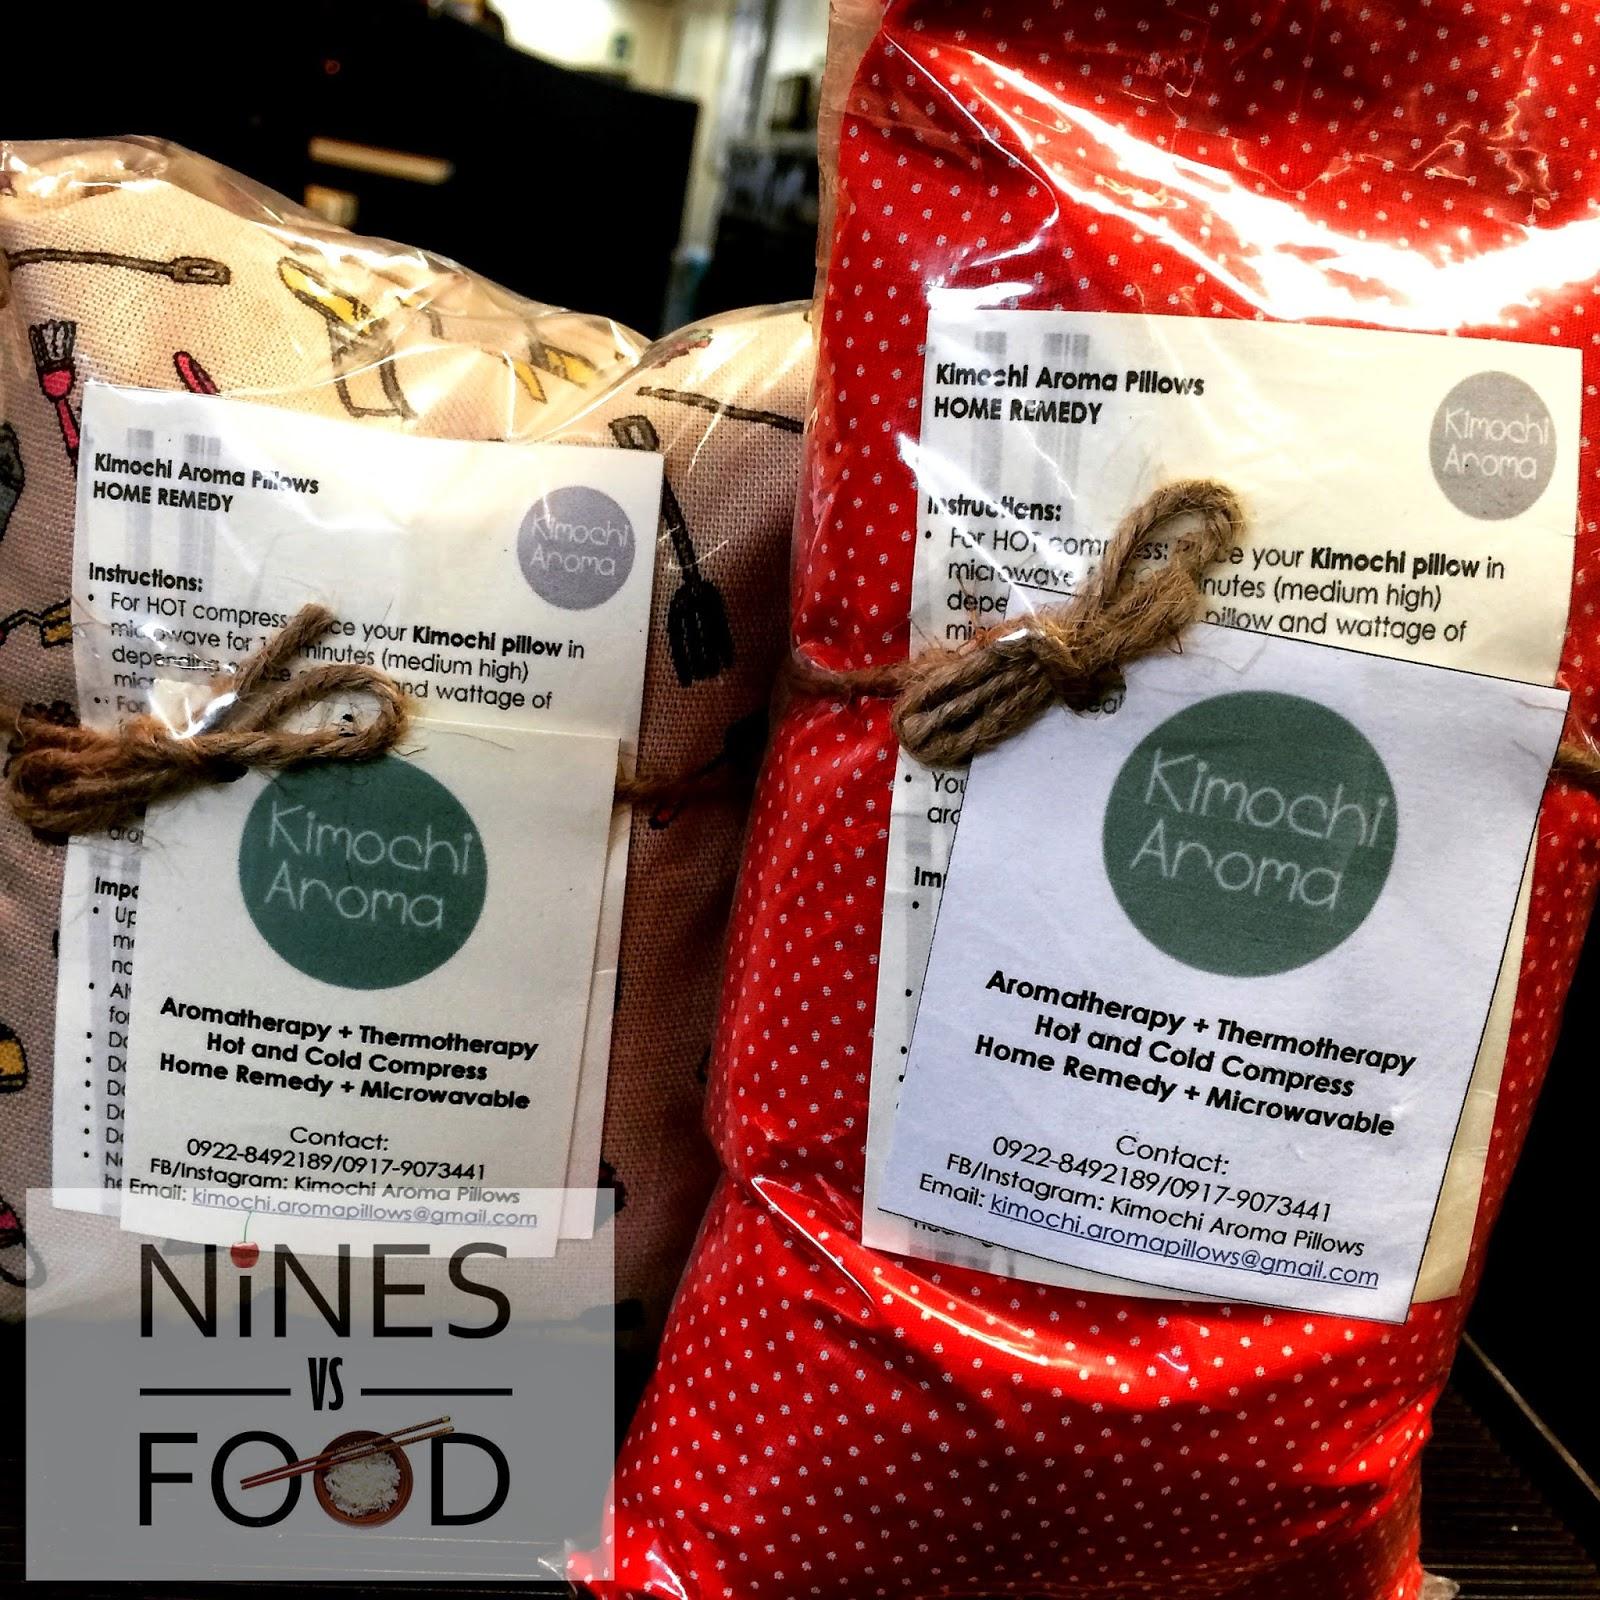 Nines vs. Food - Kimochi Aroma Pillows-1.jpg